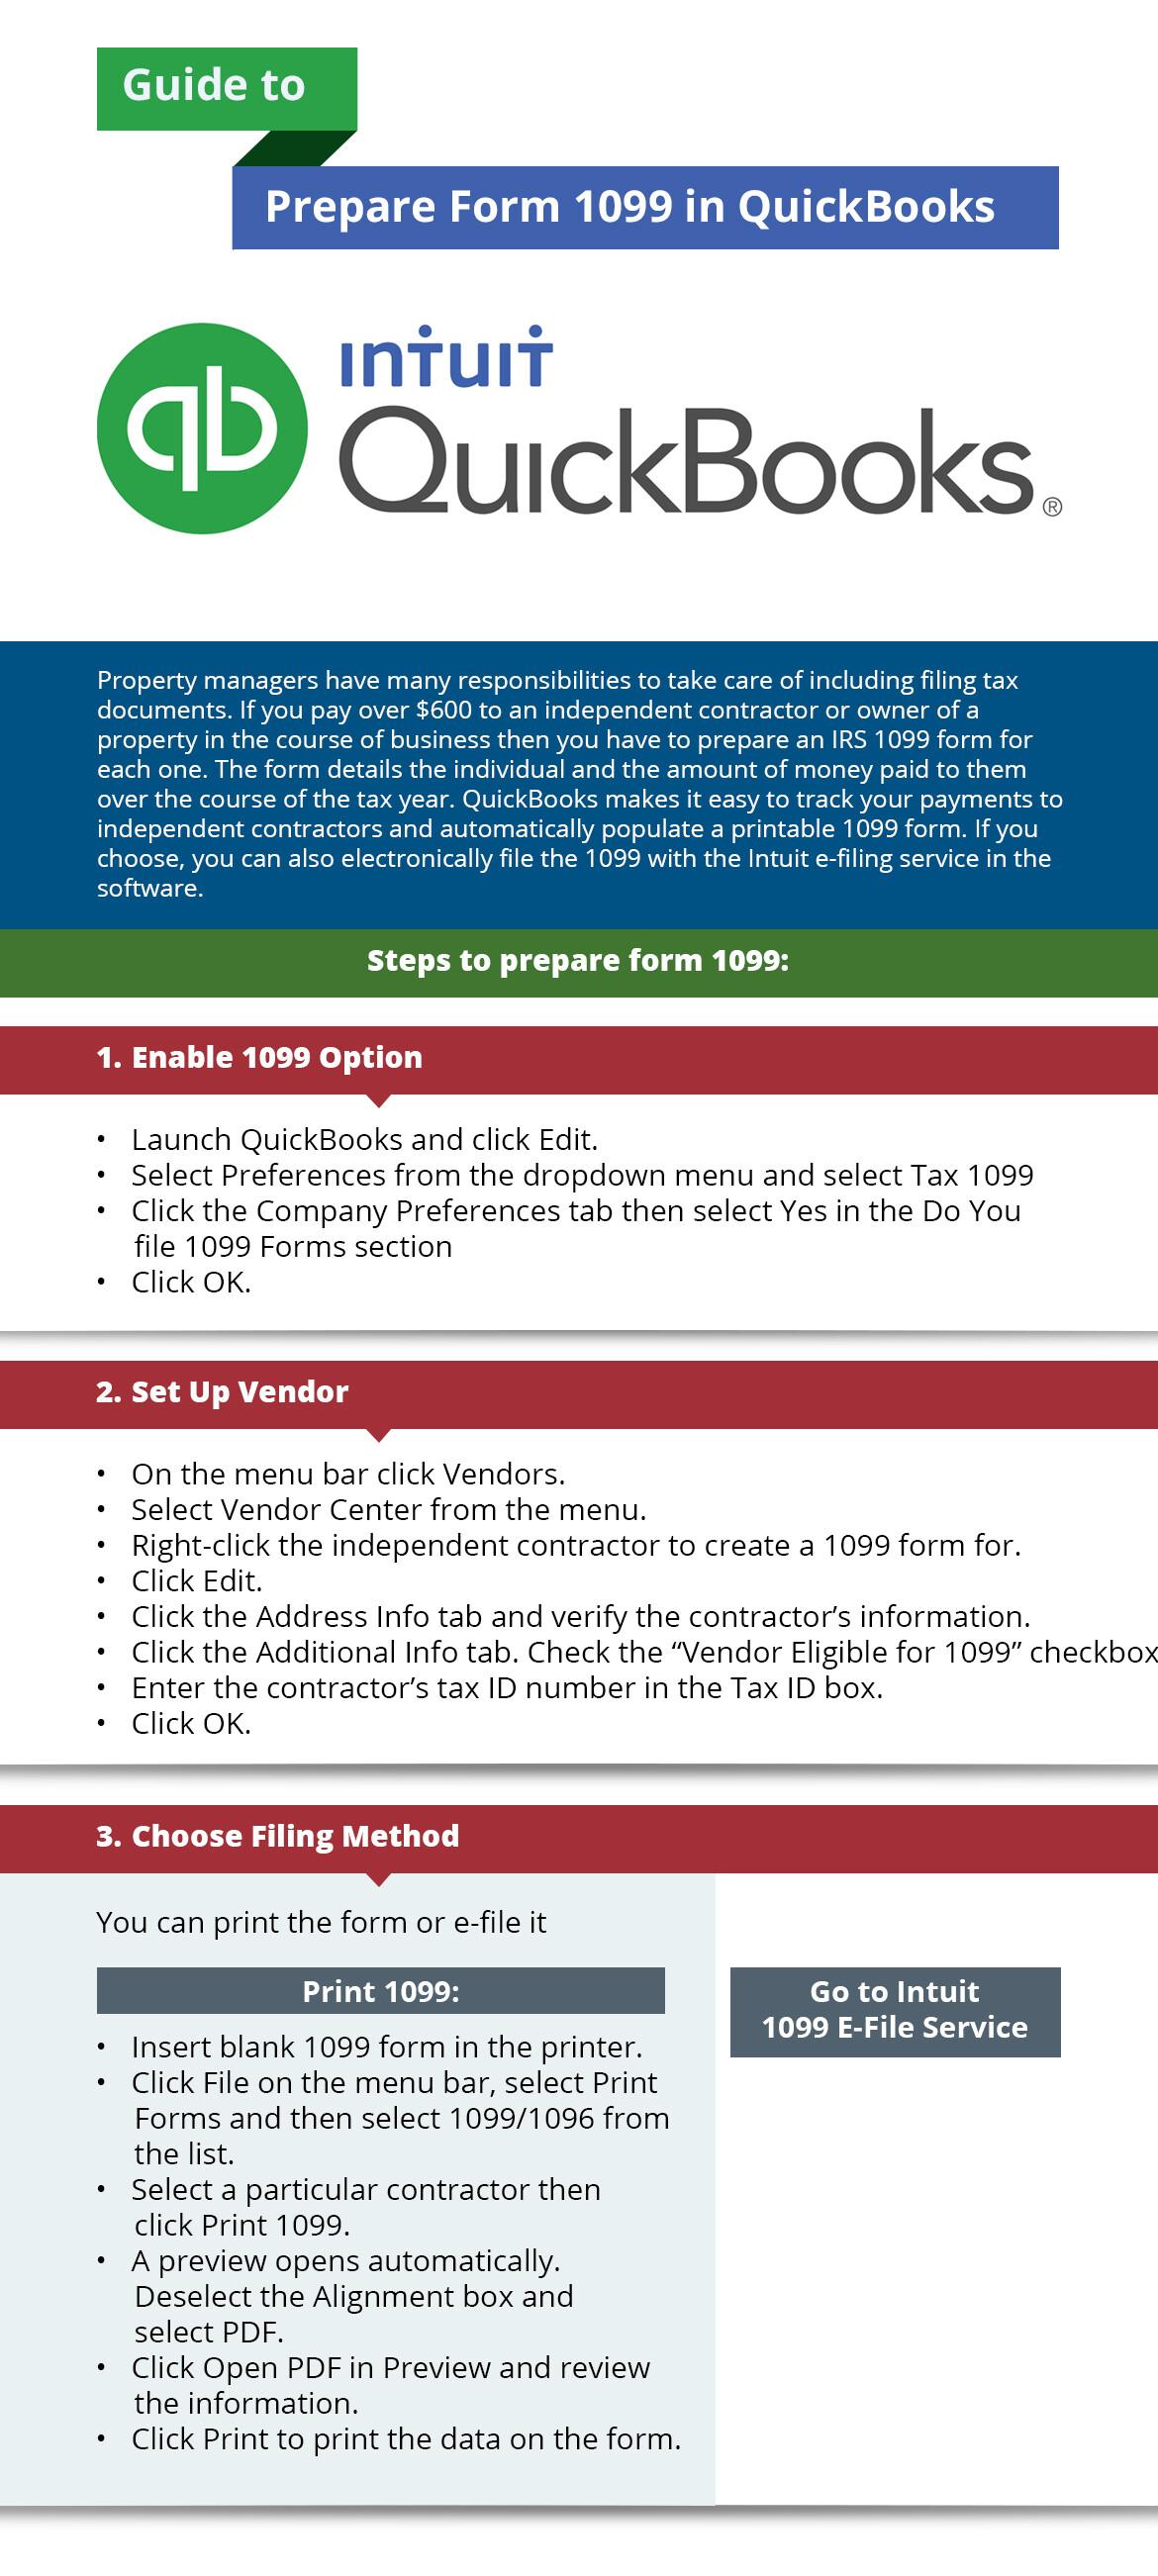 SmartFin Services   Guide to Prepare Form 1099 in QuickBooks